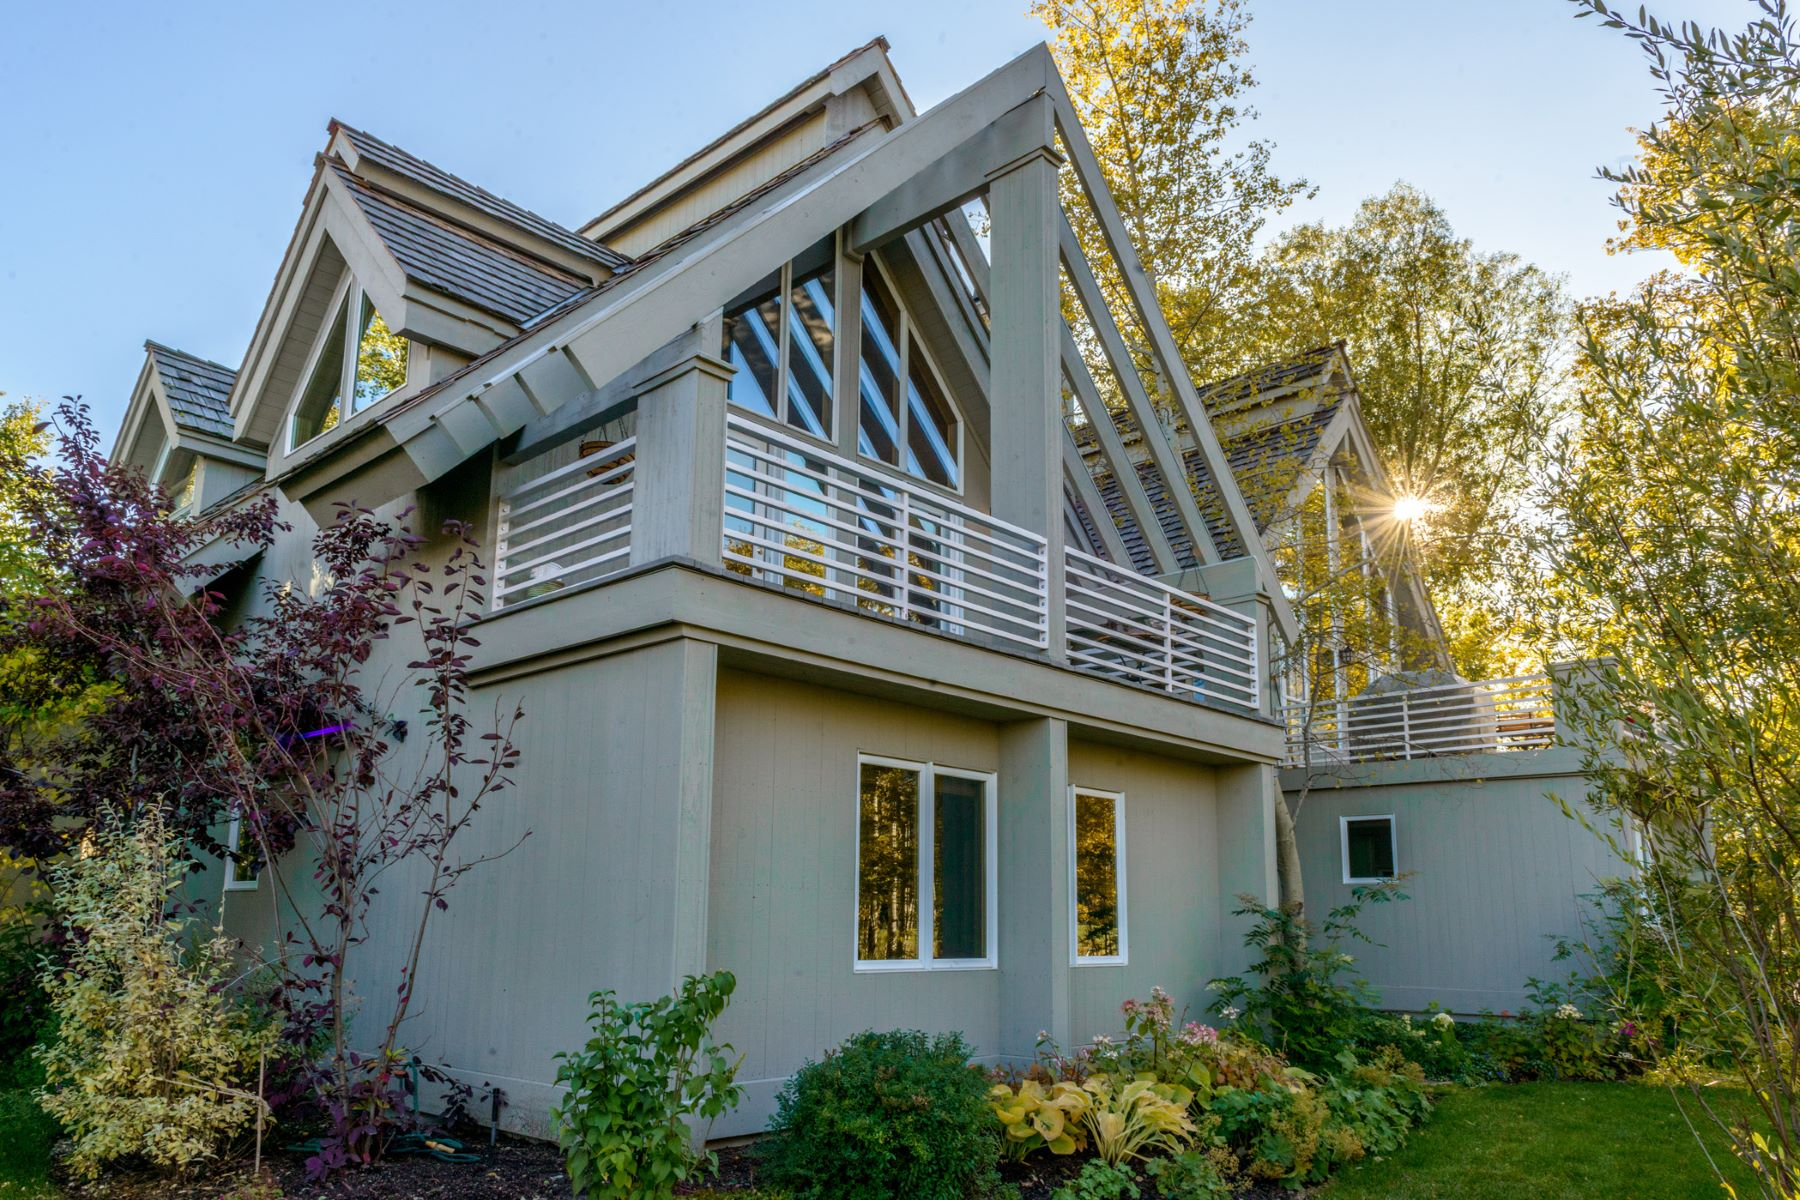 独户住宅 为 销售 在 2639 Fairways Place West 2639 W Fairways Place West, 威尔逊, 怀俄明州, 83014 Jackson Hole, 美国